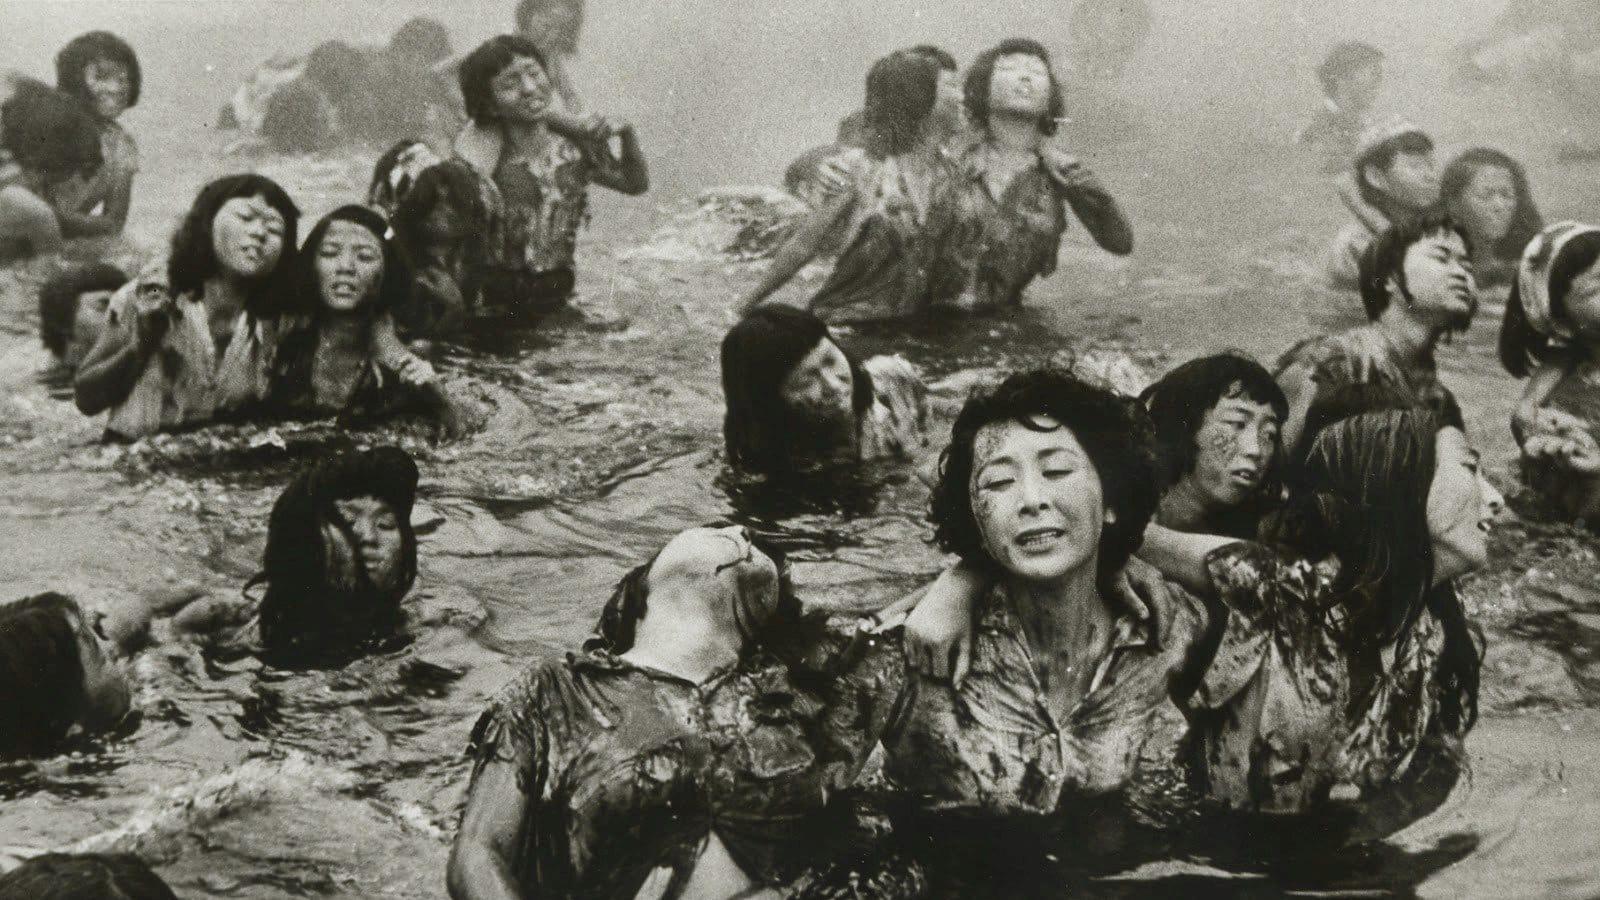 Filme Hiroshimade Kaneto Shindo (Fonte: Criterion/Divulgação)